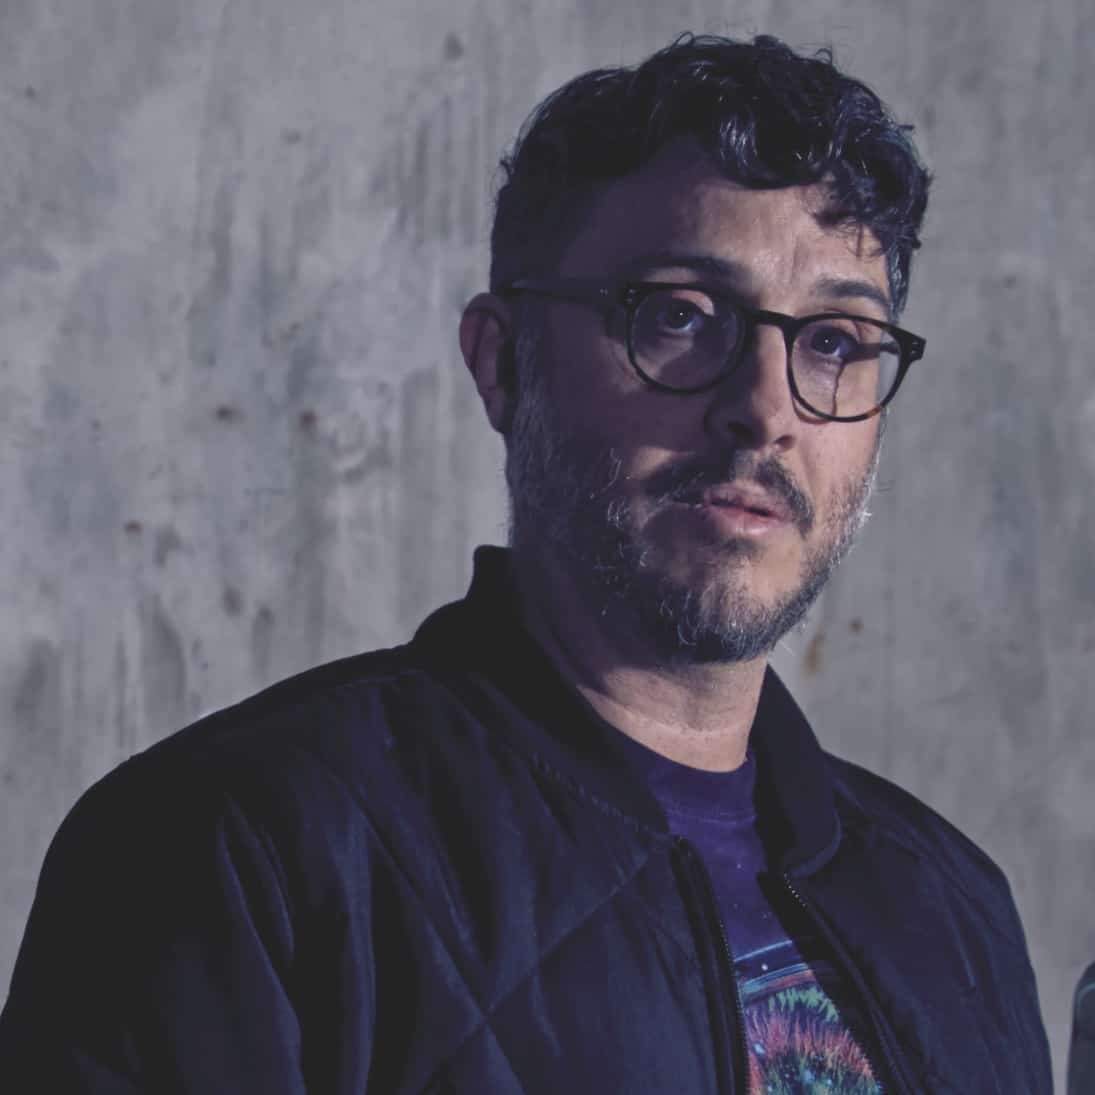 Darren Burgos